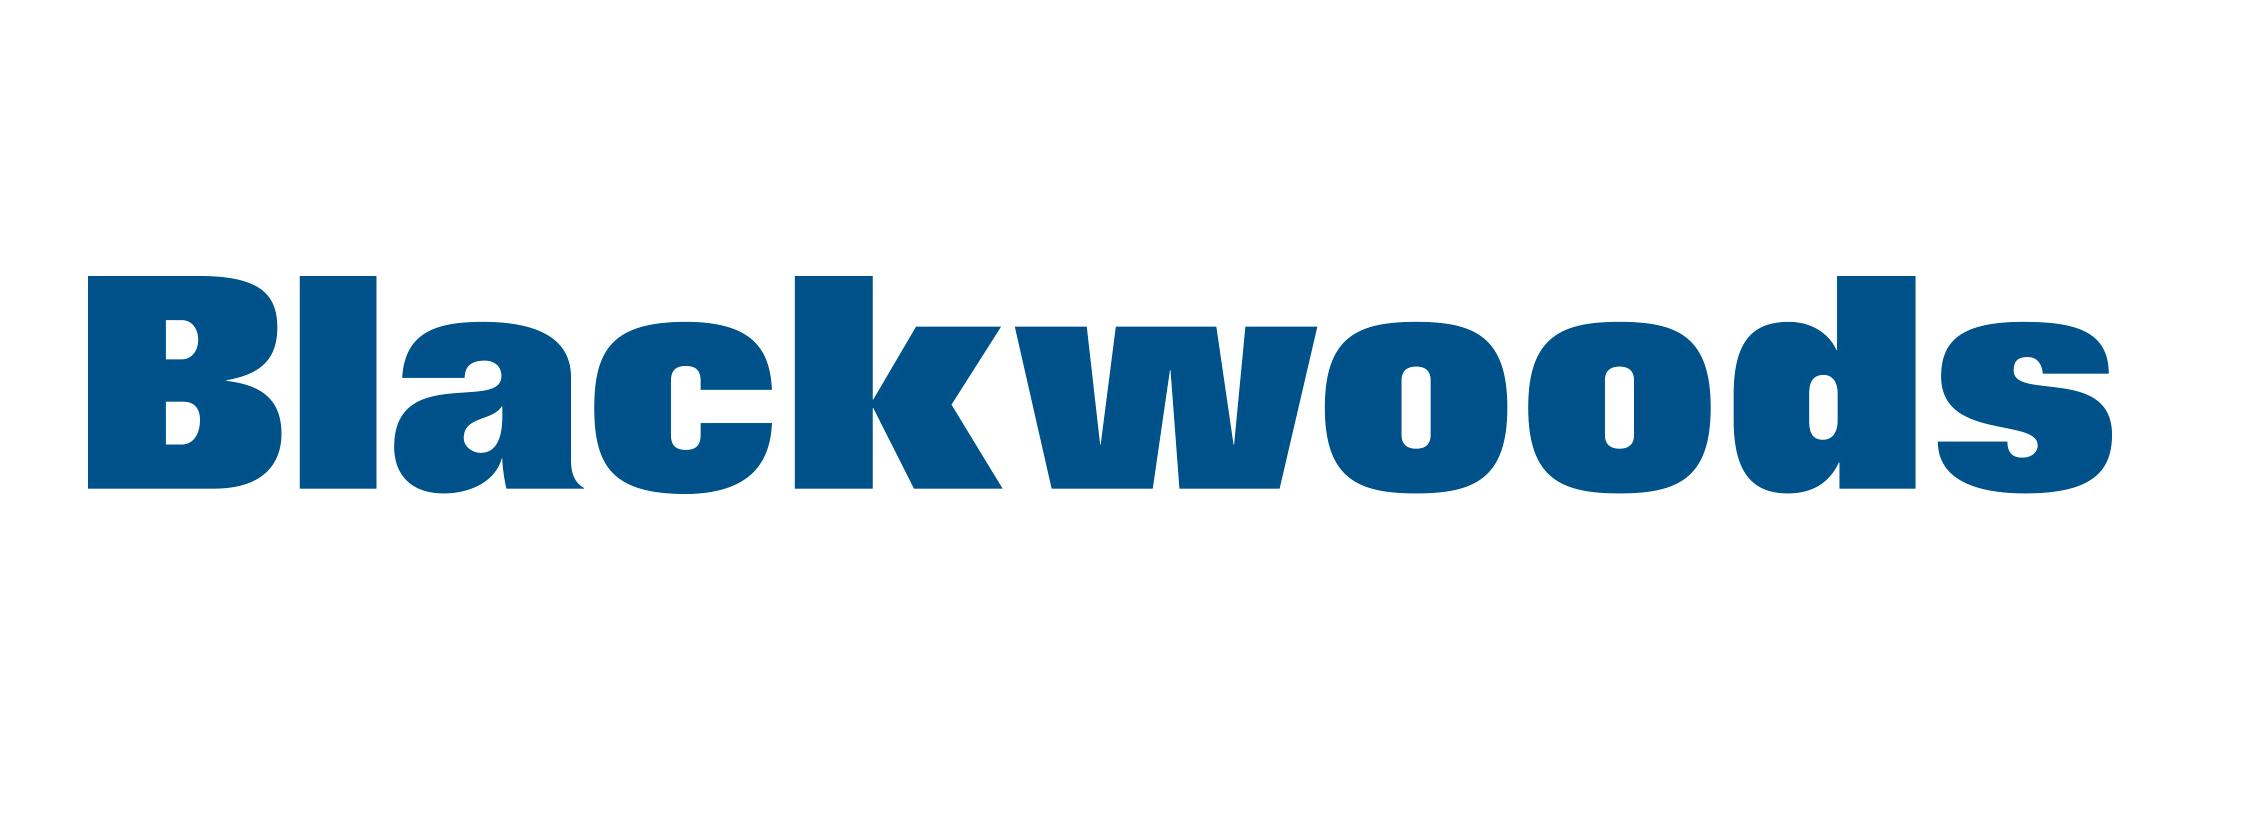 blackwoods-logo.png